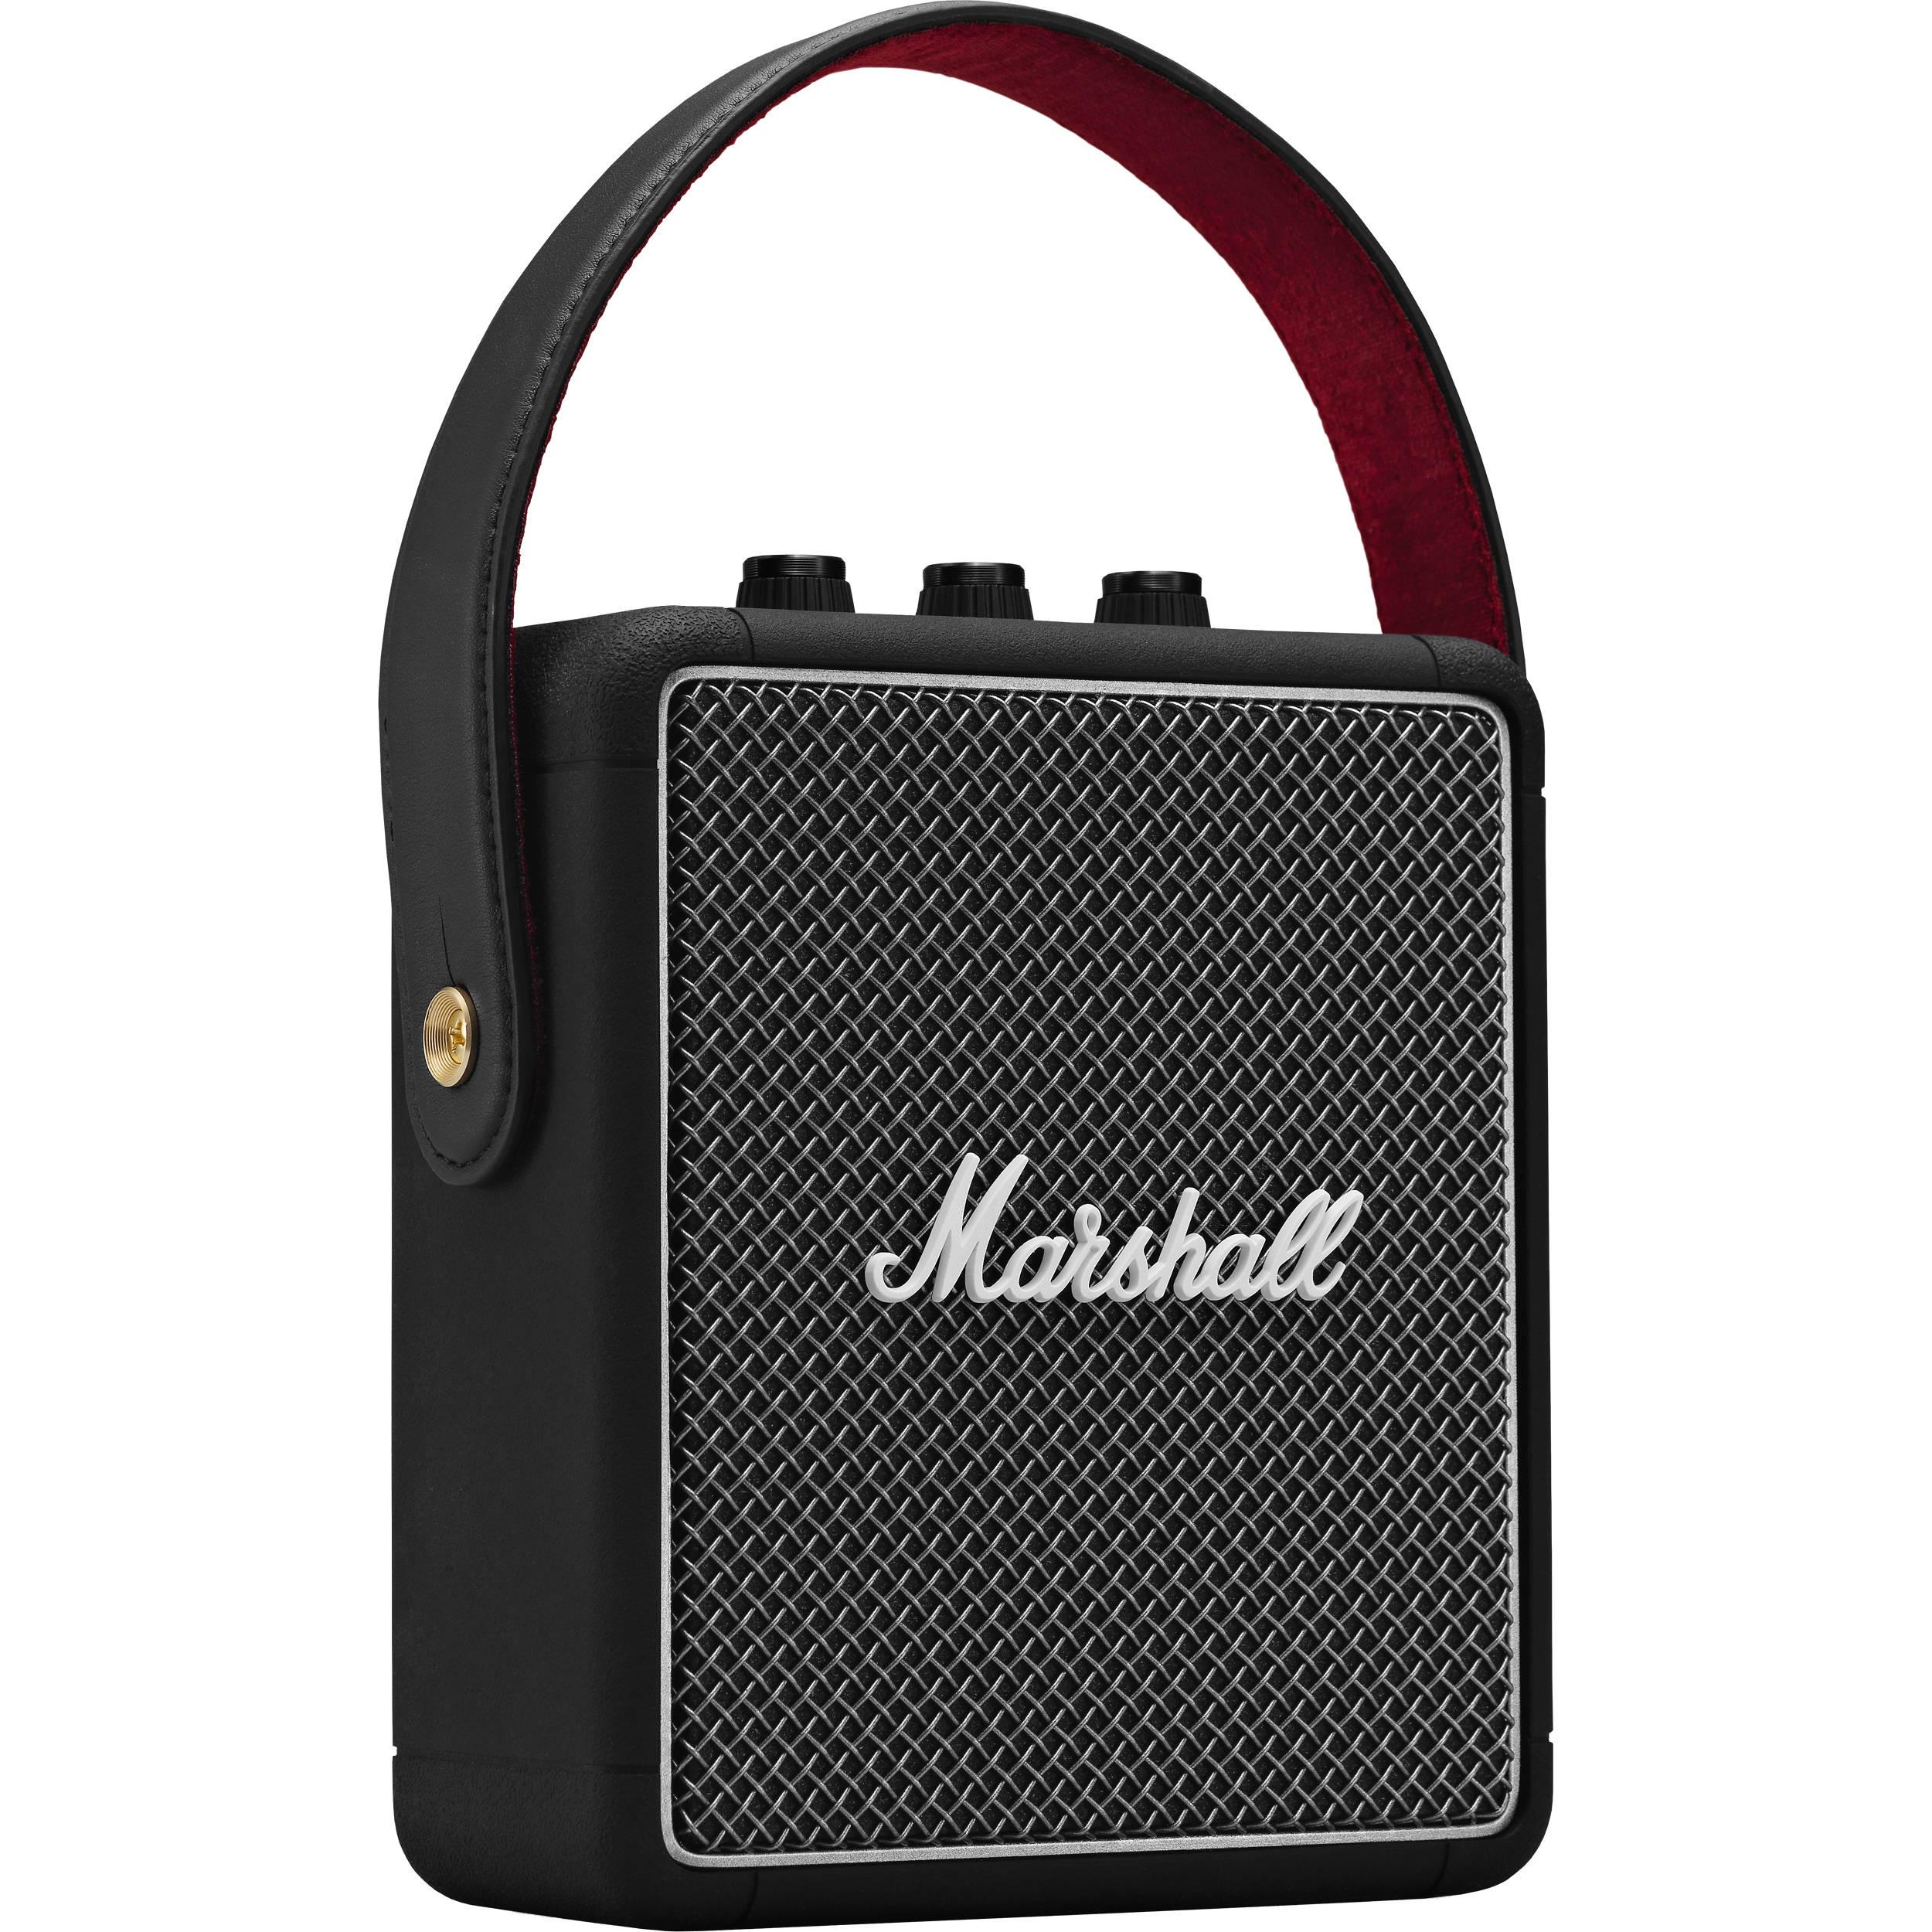 Marshall Stockwell II Portable Bluetooth Speaker (Black)